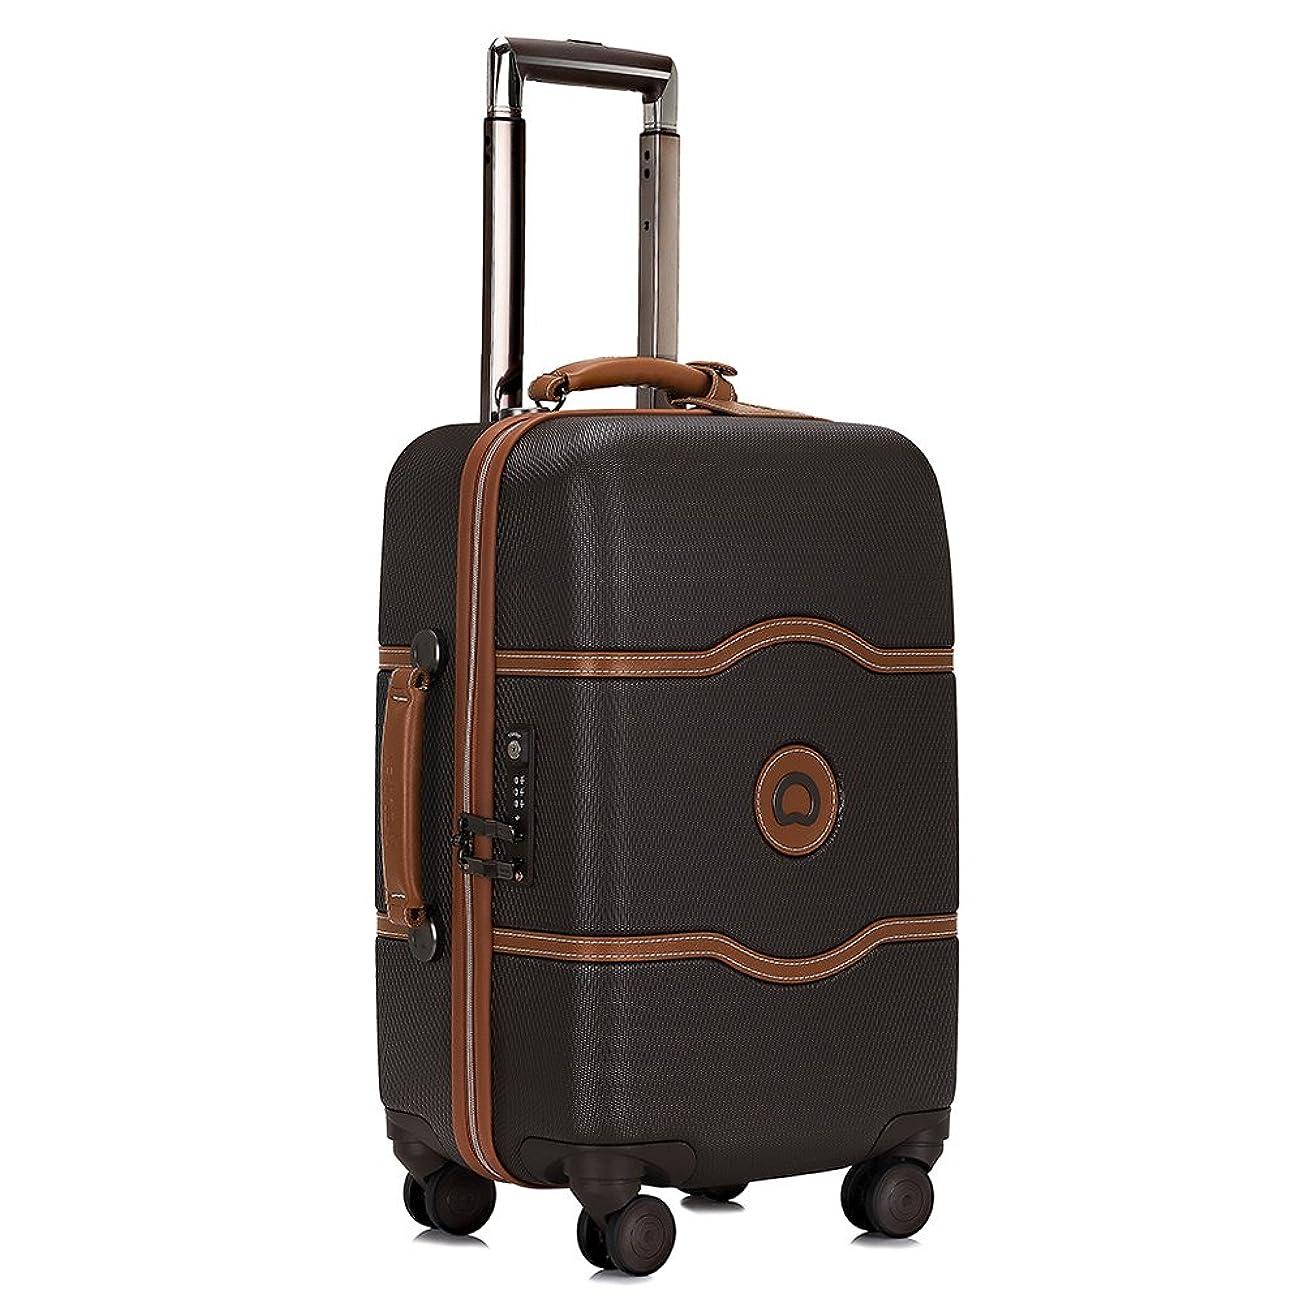 操るスクラブ現実にはDELSEY デルセー スーツケース シャトレ ハードキャリーケース キャリーバッグ CHATELET HARD+ ストッパー機能 機内持ち込み 小型 sサイズ/中型mサイズ/大型lサイズ 10年国際保証 ハンガー&収納袋付属